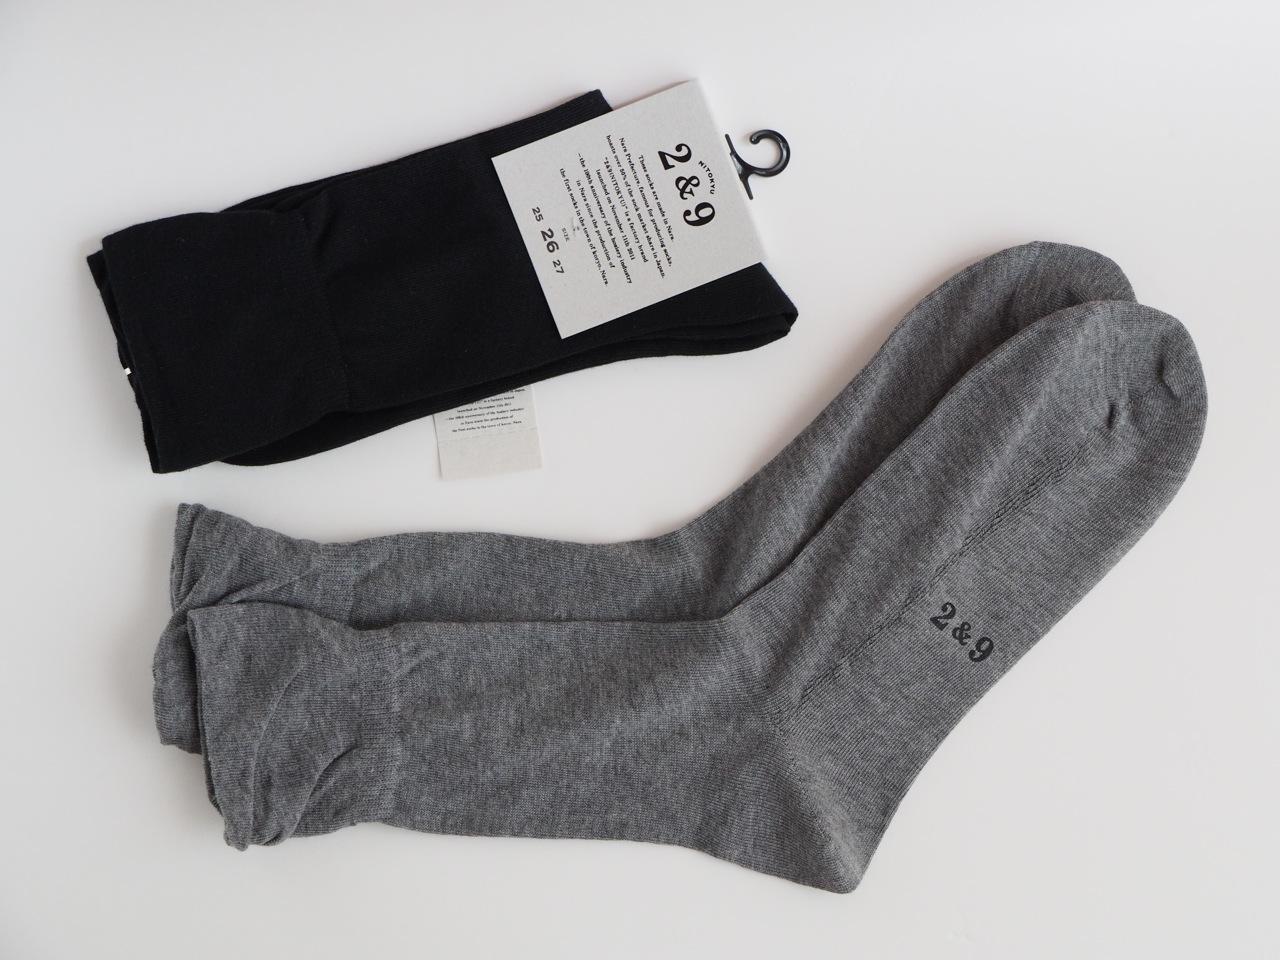 足に優しい靴下が奈良で作られています